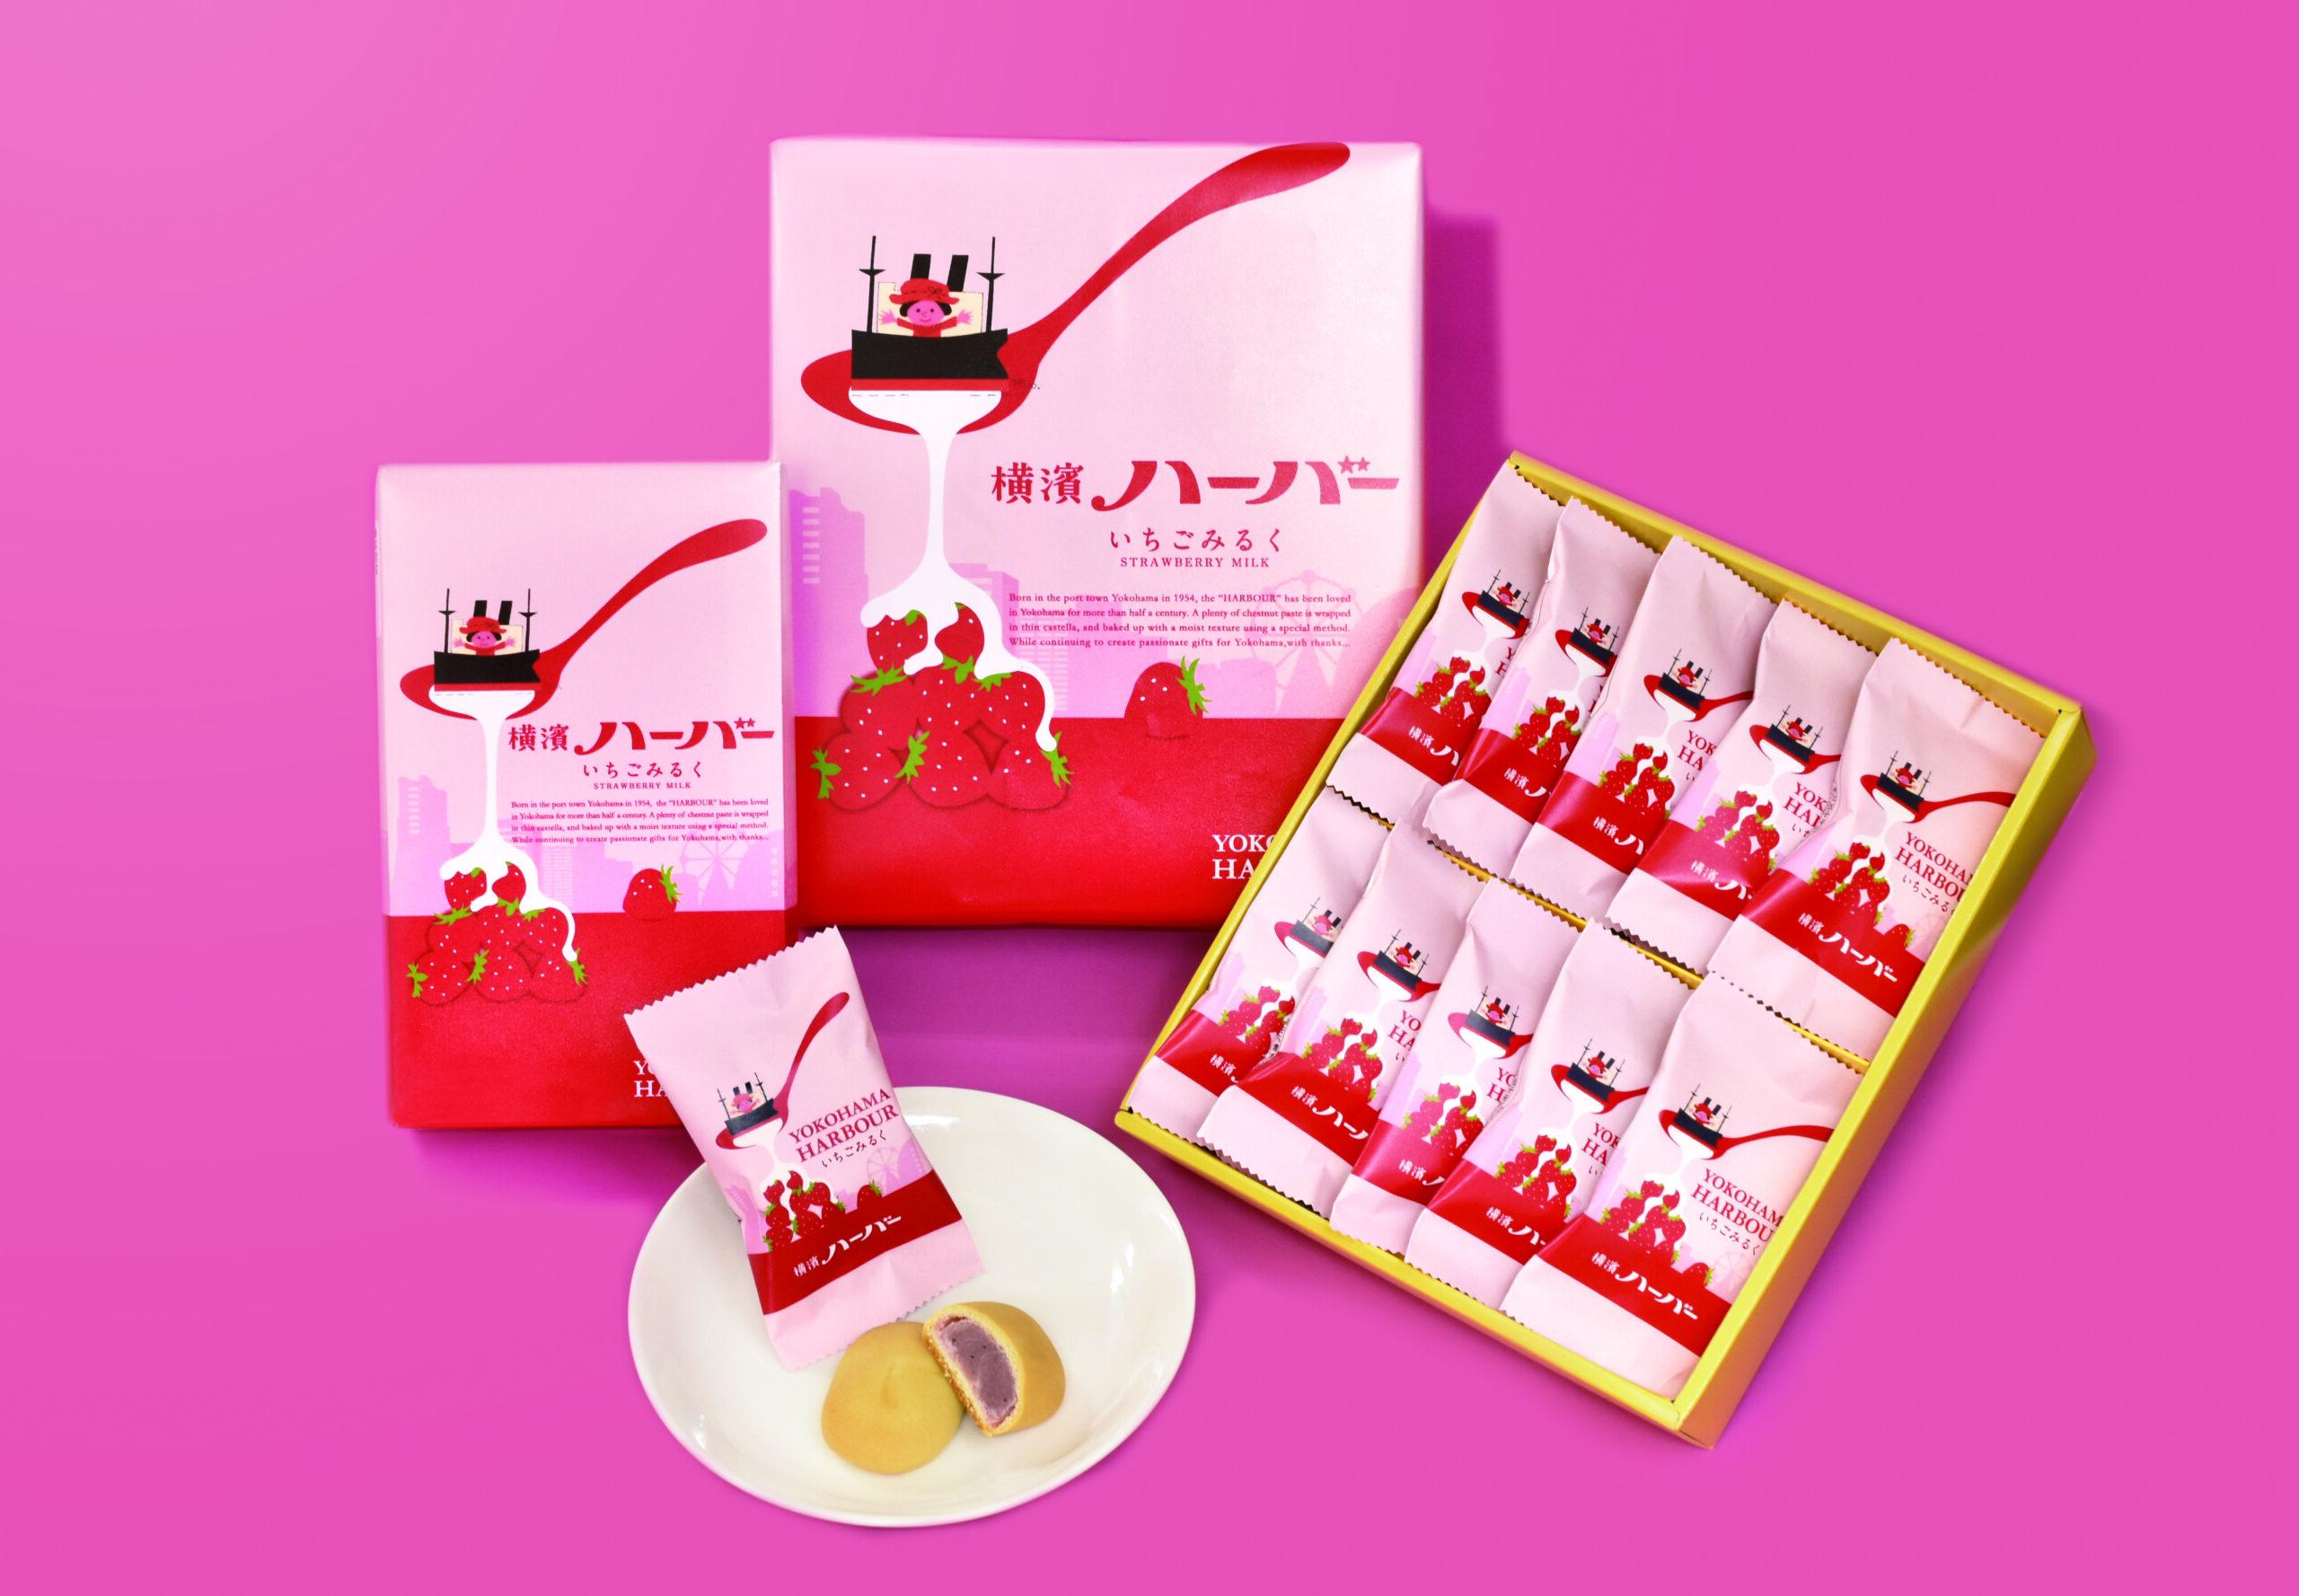 2020年11月1日 限定商品「横濱ハーバー いちごみるく」発売のお知らせ